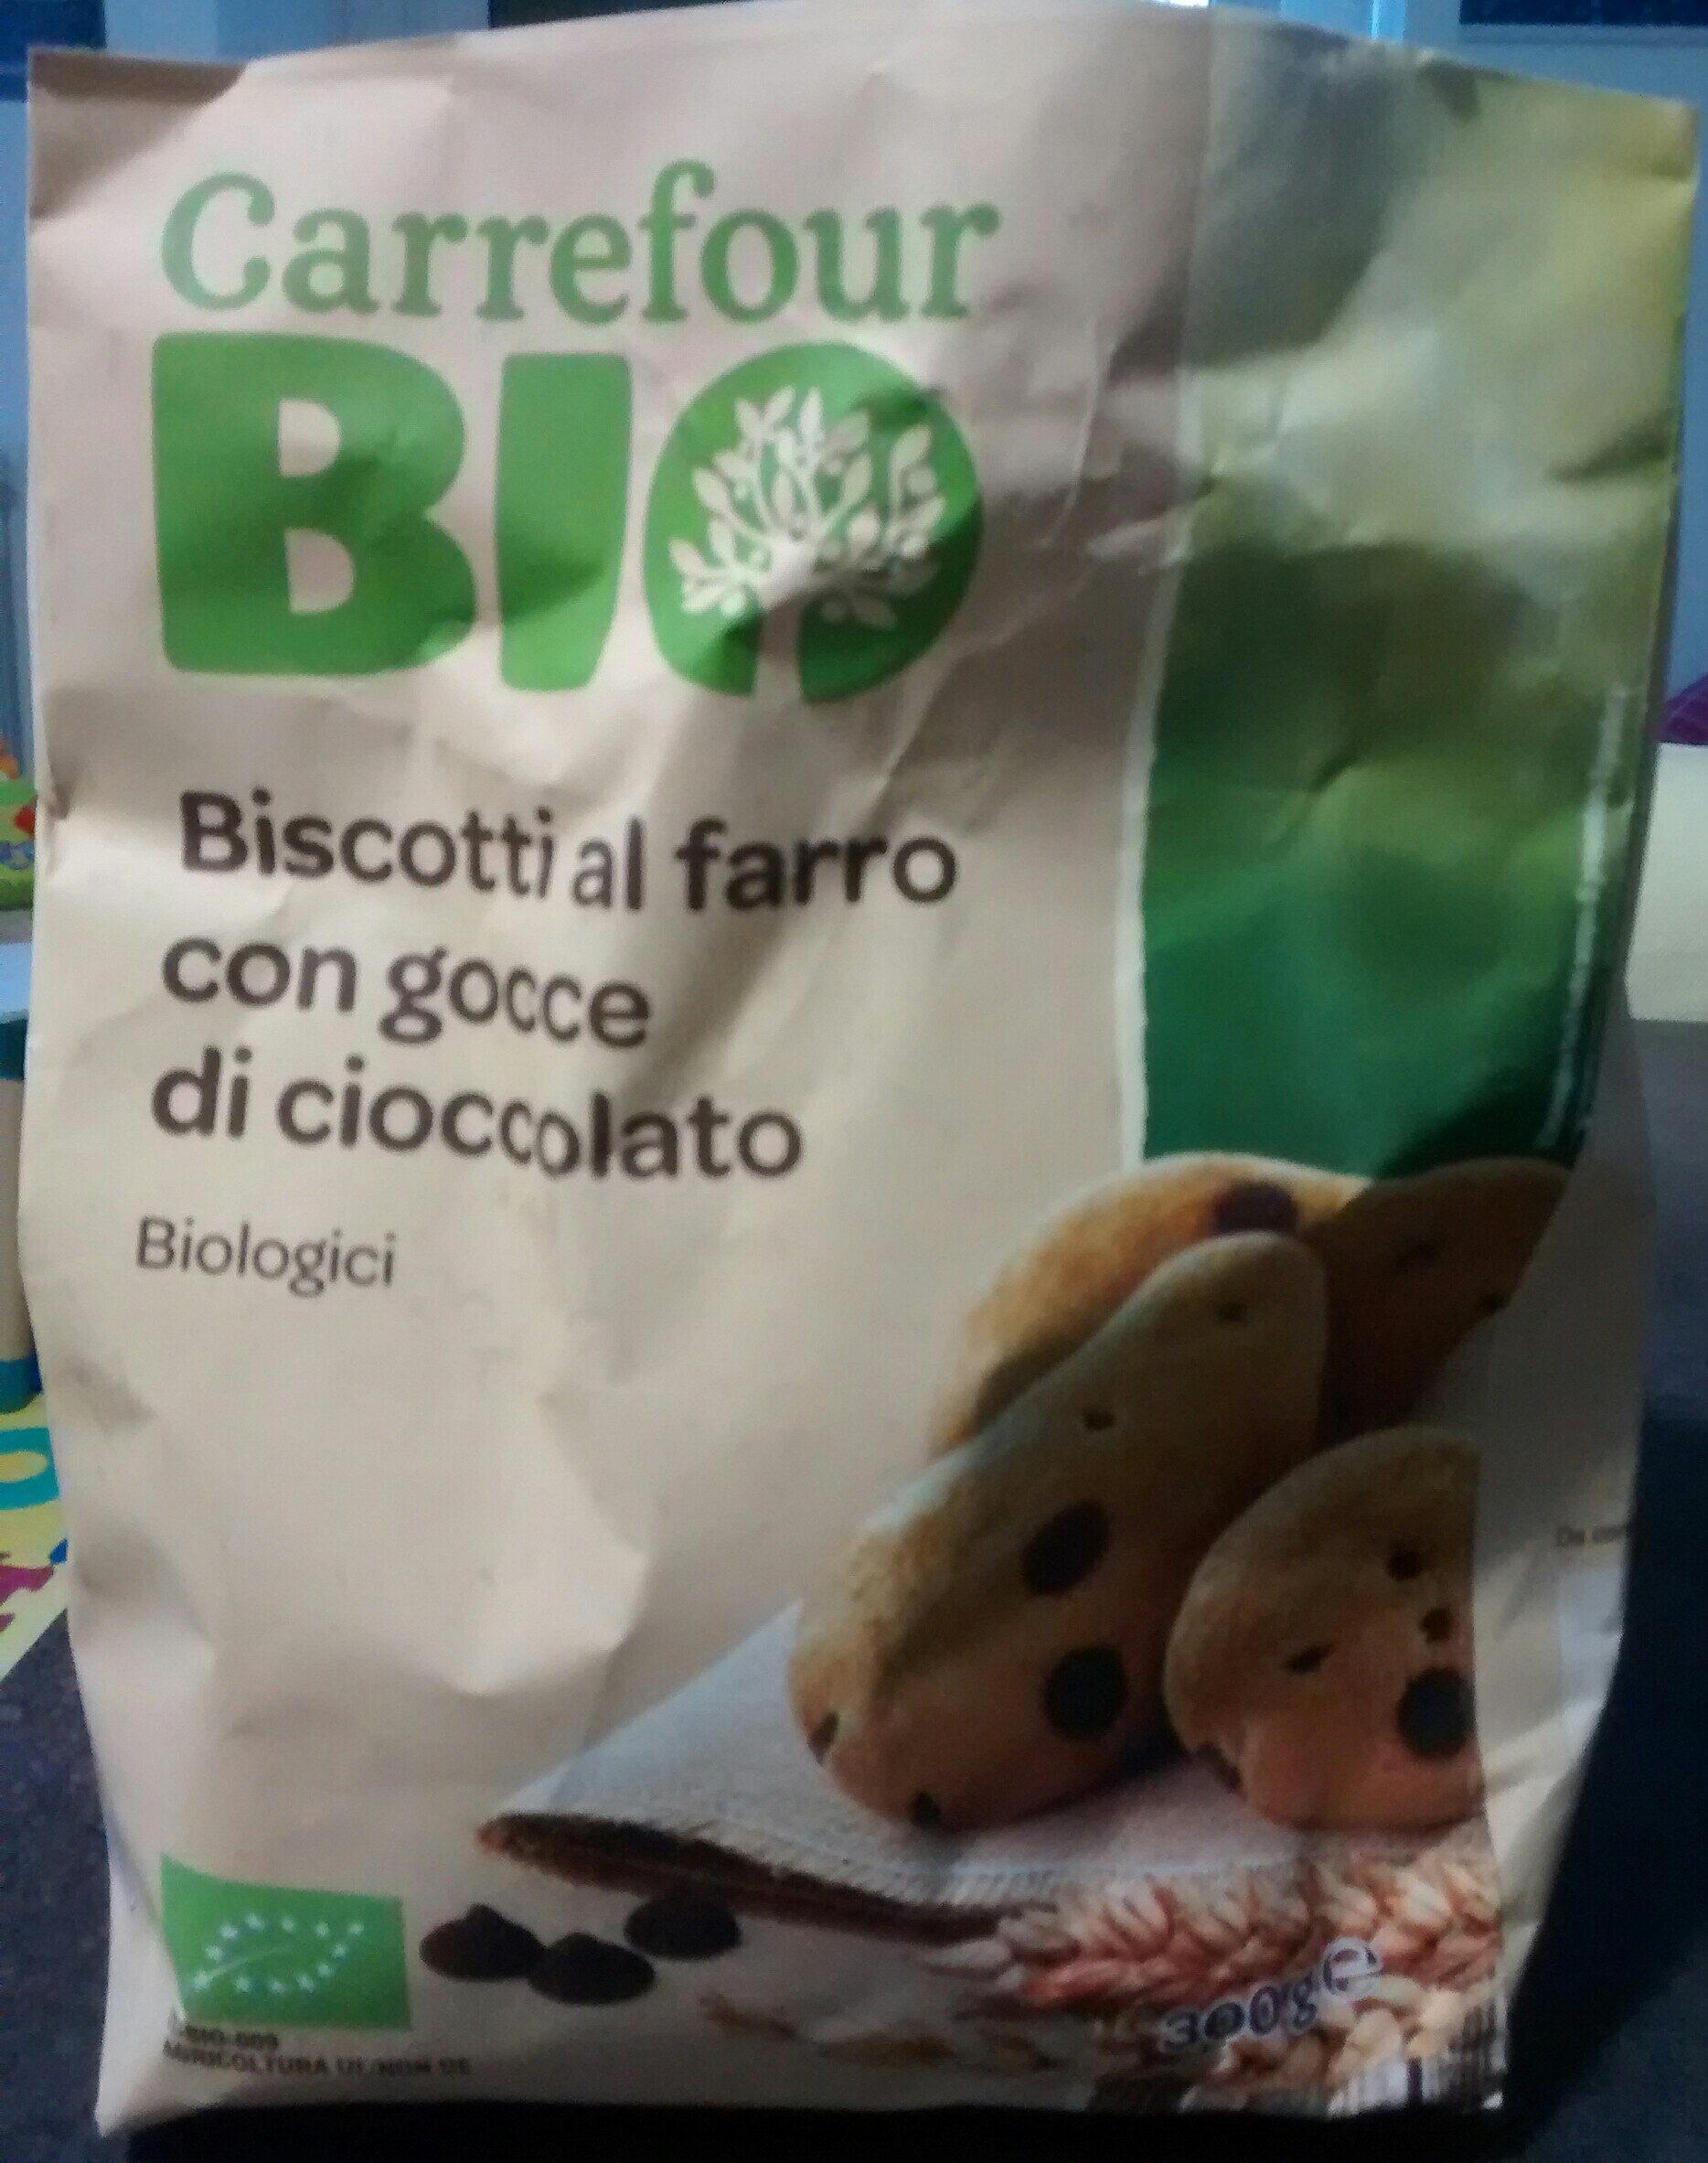 Biscotto al farro con gocce di cioccolato - Product - it